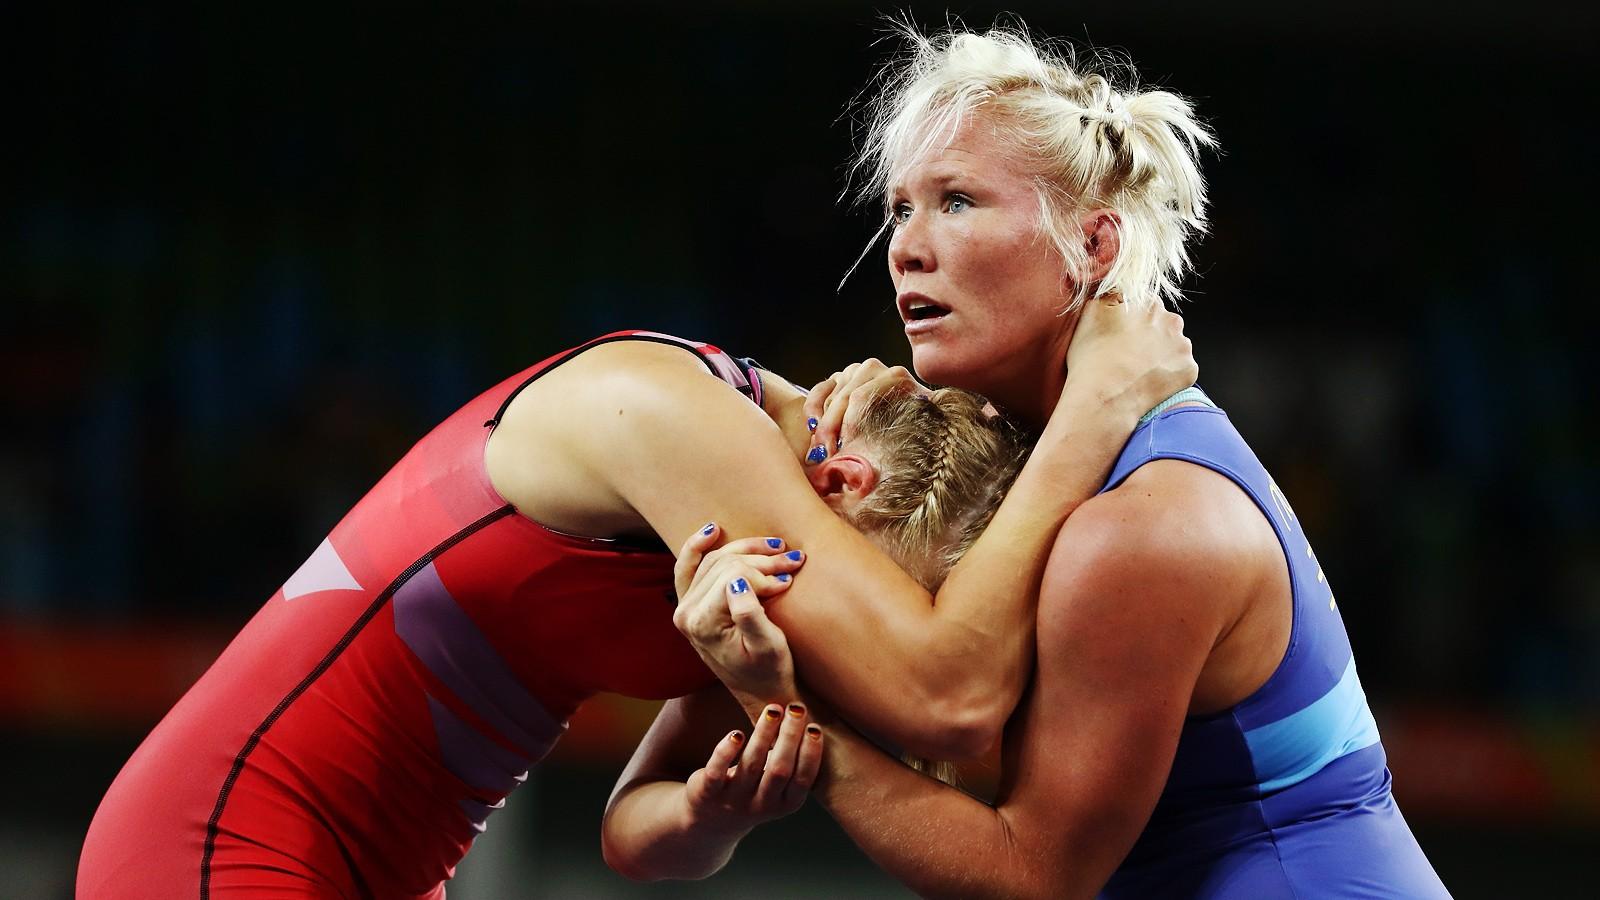 За использование допинга наказывают спортсмена, тренера и врача